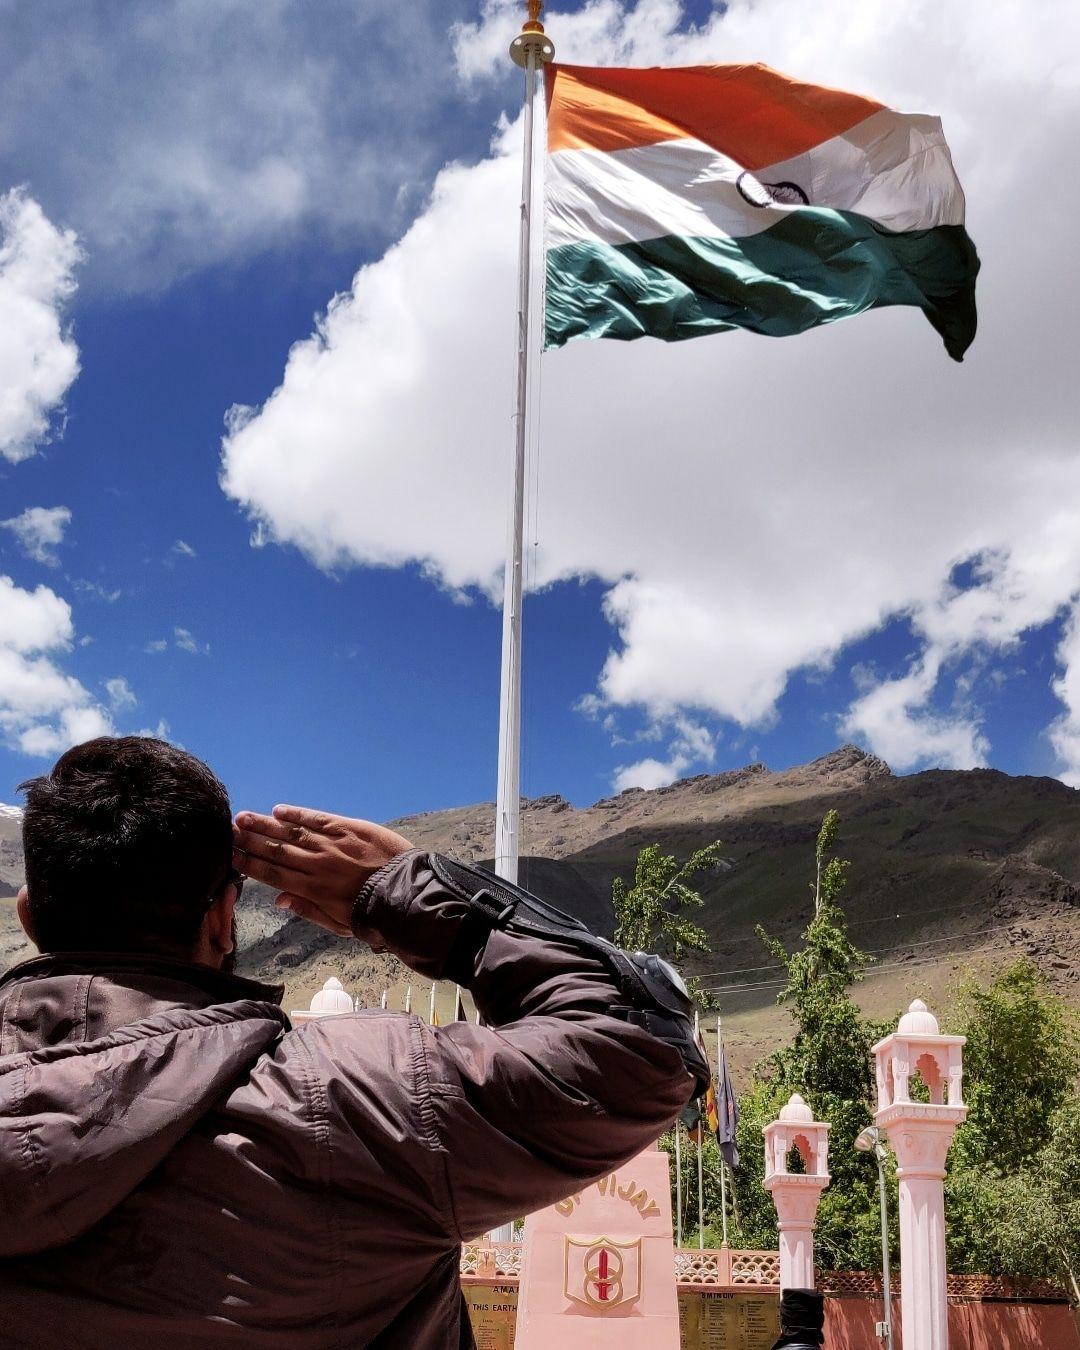 Photo of Kargil War Memorial By Ashish Sukhramani